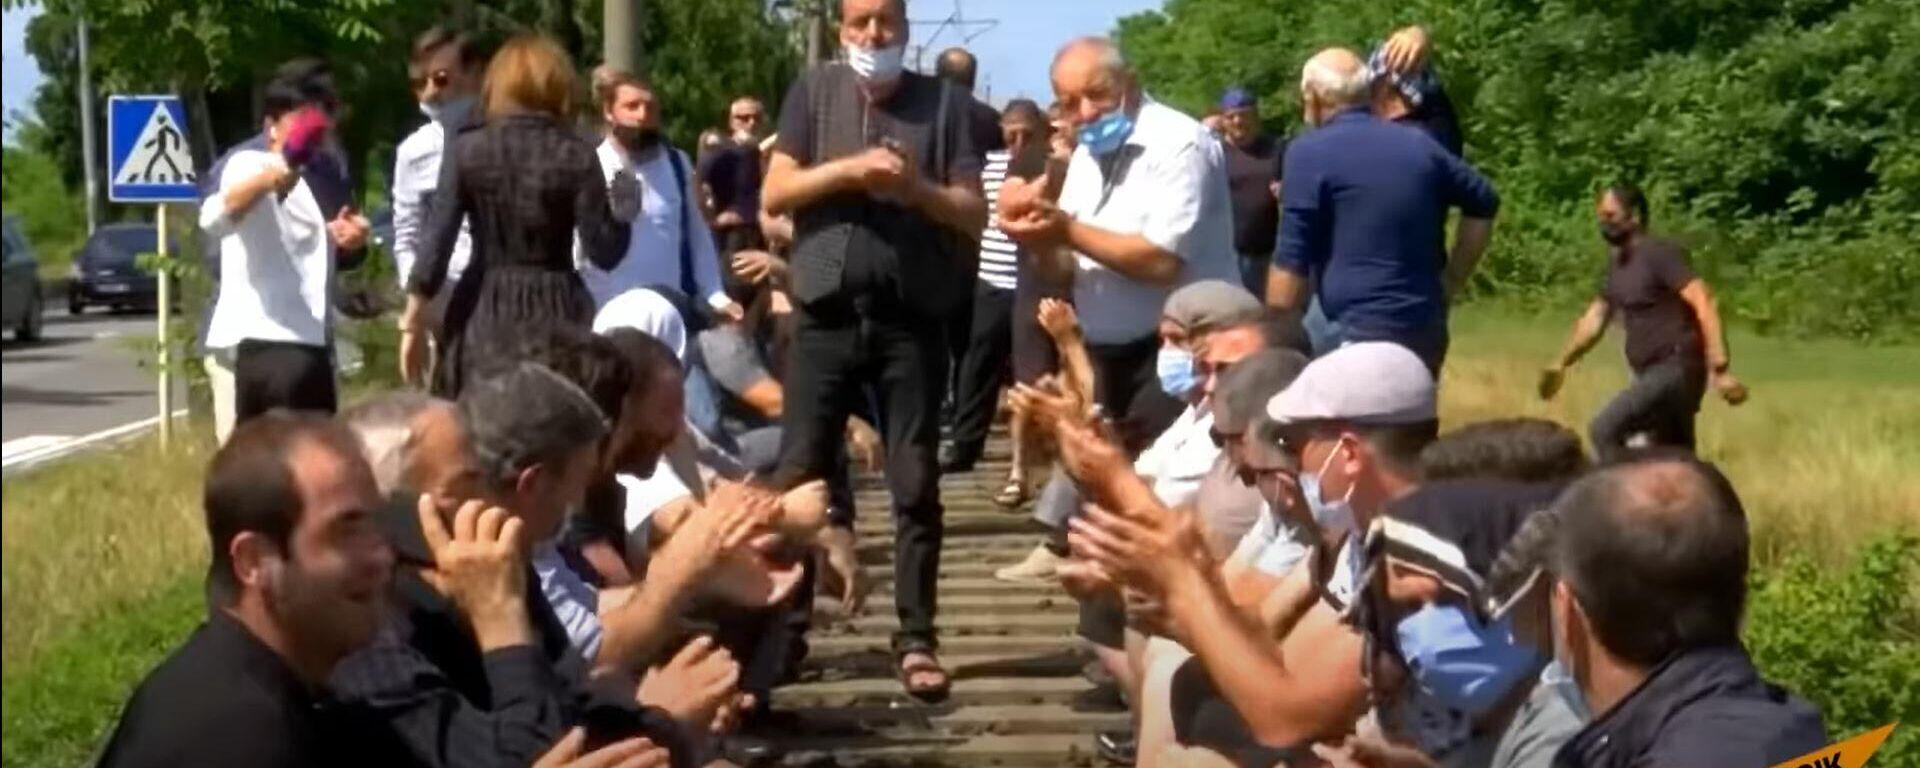 Протестующие в Грузии пытались заблокировать железную дорогу - Sputnik Латвия, 1920, 21.06.2021